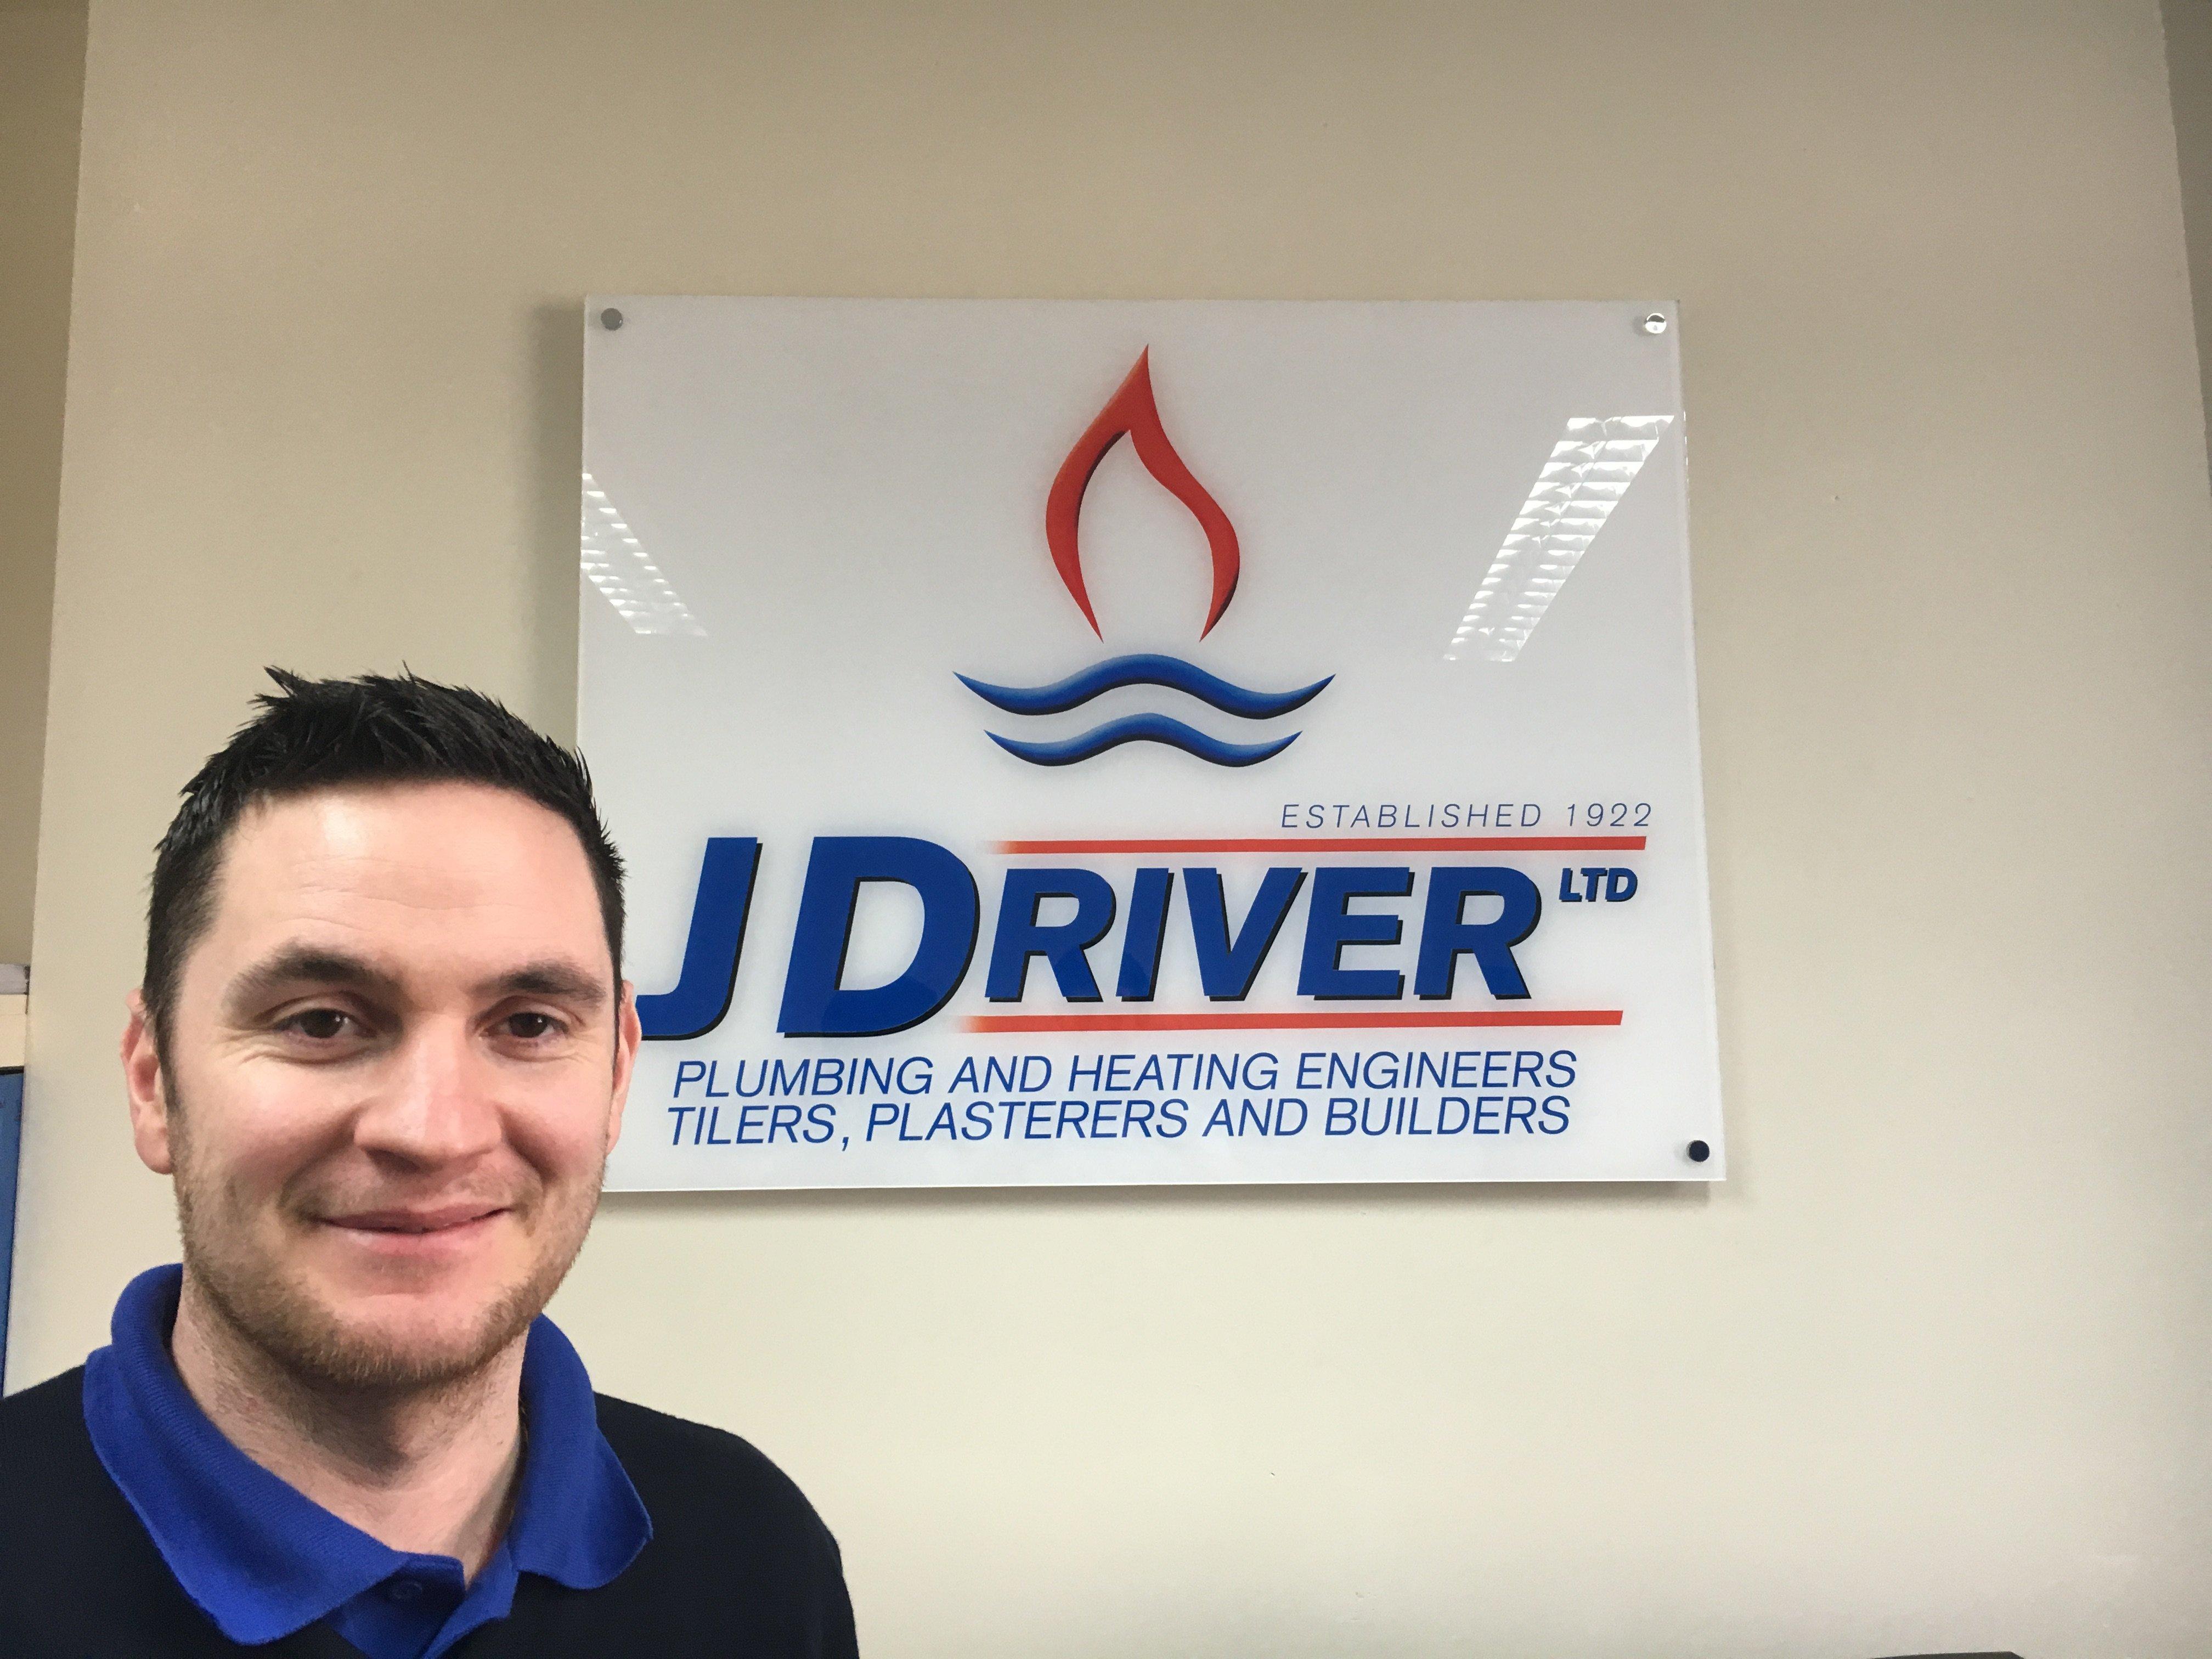 J Driver Ltd Luke Milligan